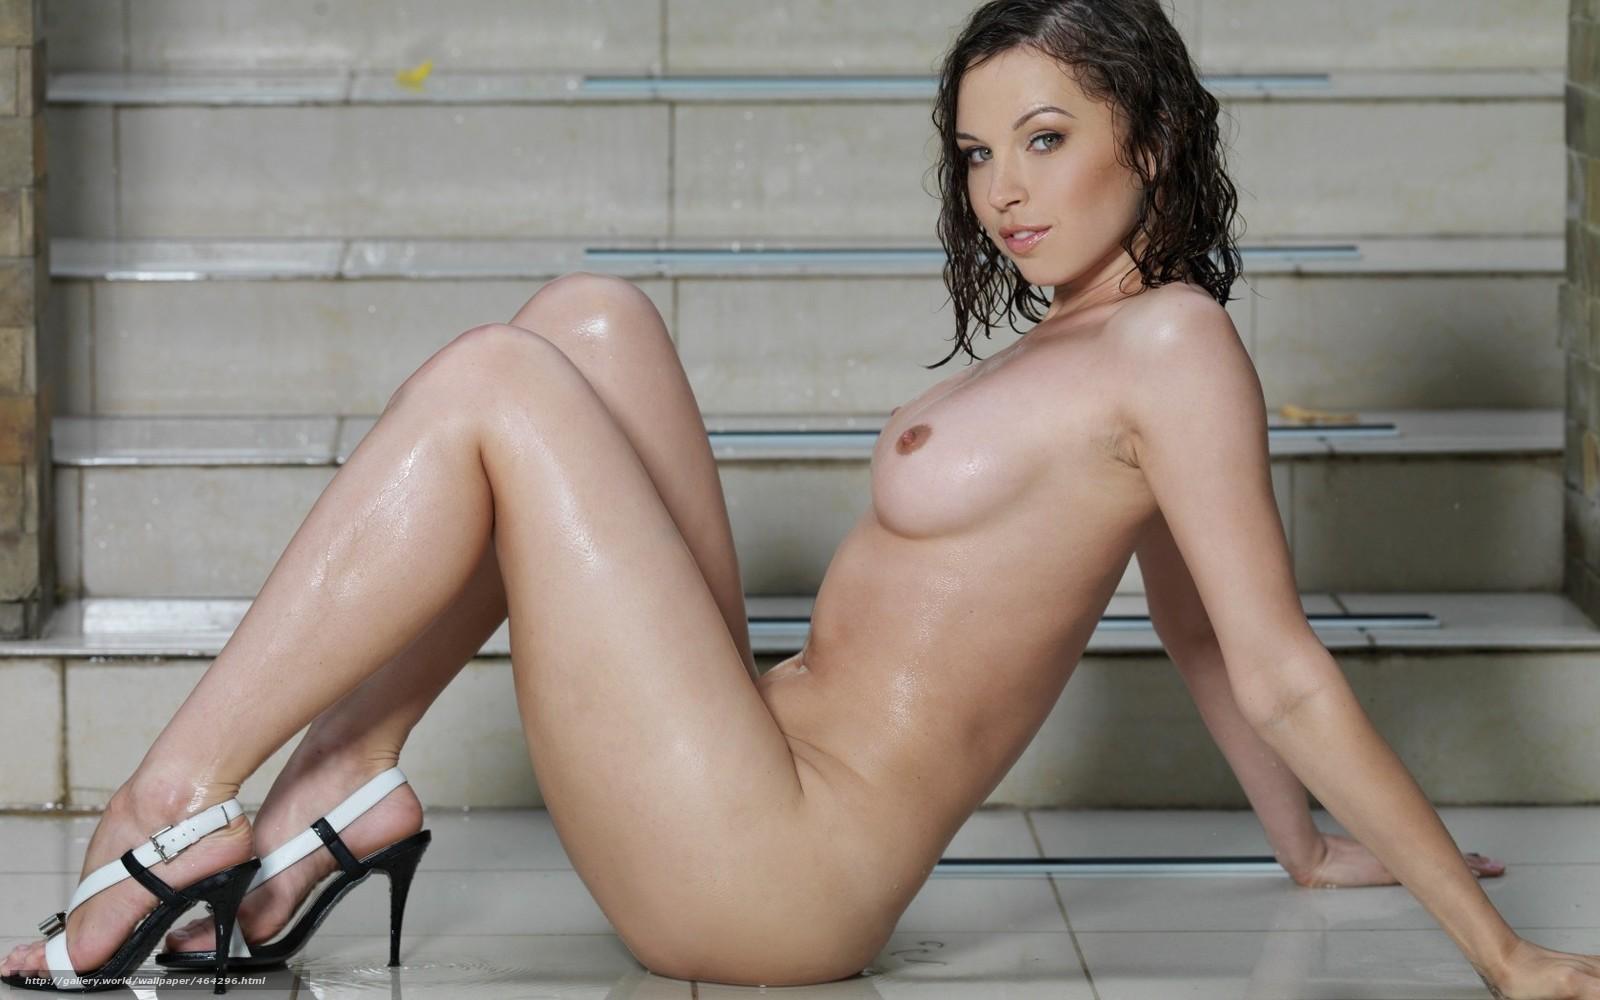 Брюнетка красивая на высоких каблуках эротика фото 155-155